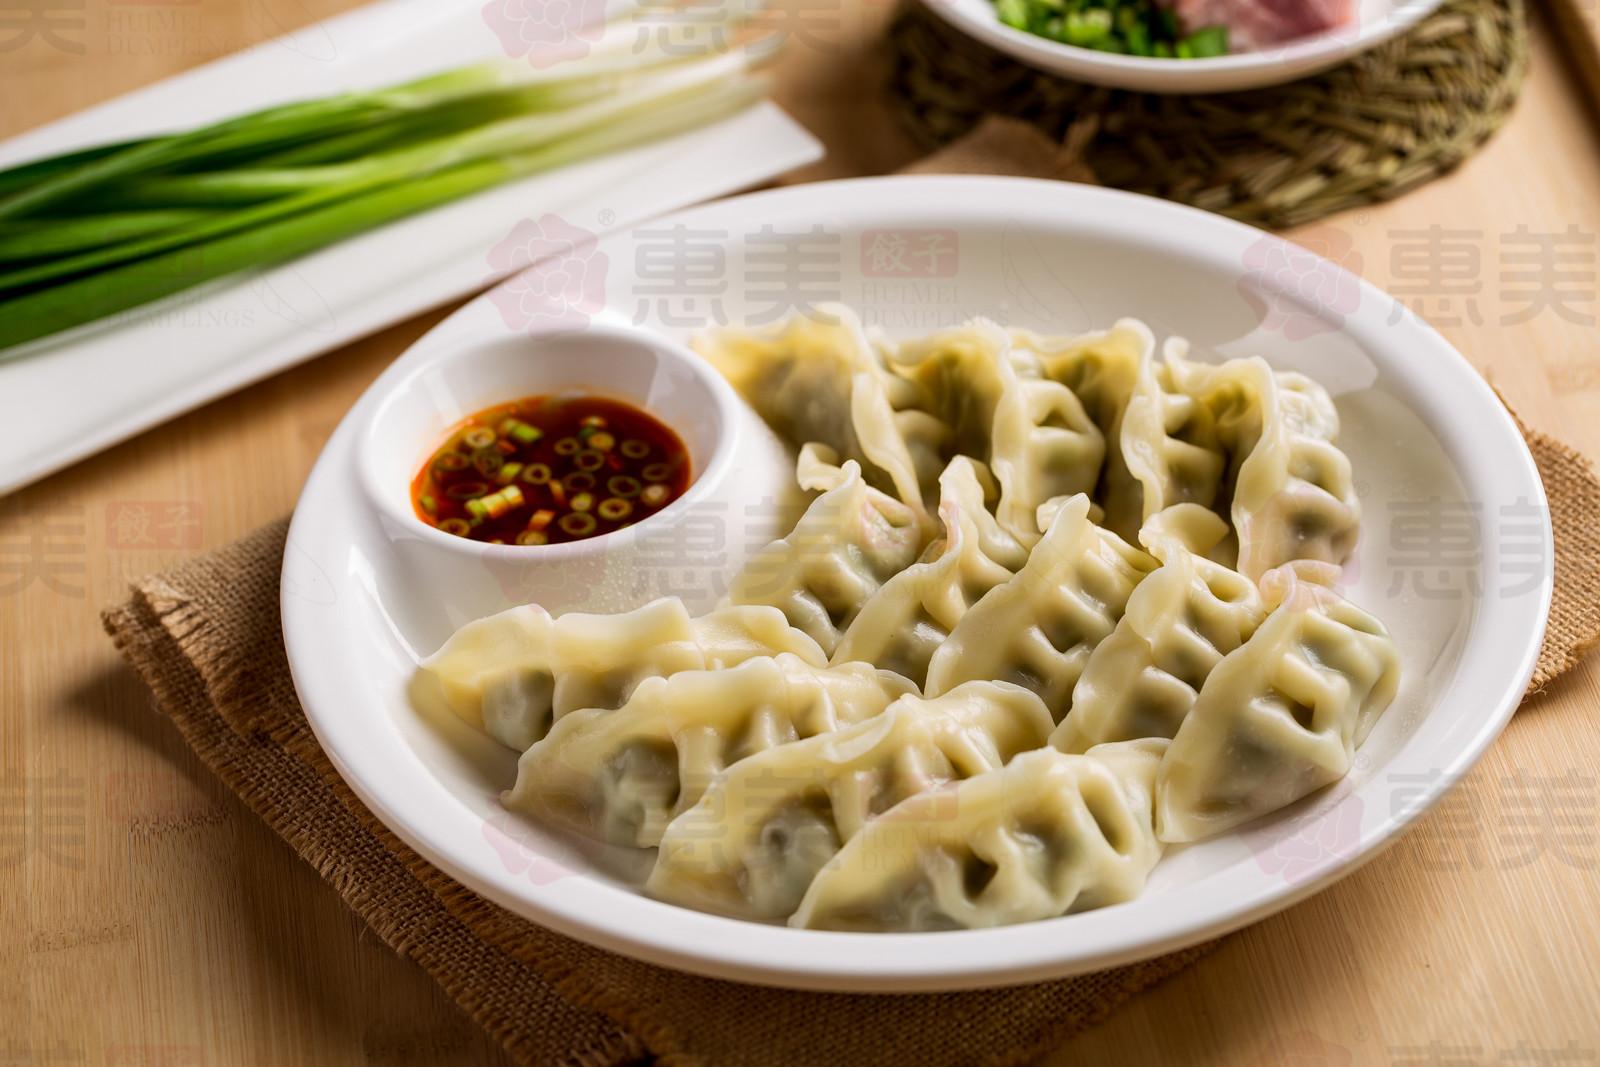 惠美饺子特色美食-大葱猪肉水饺